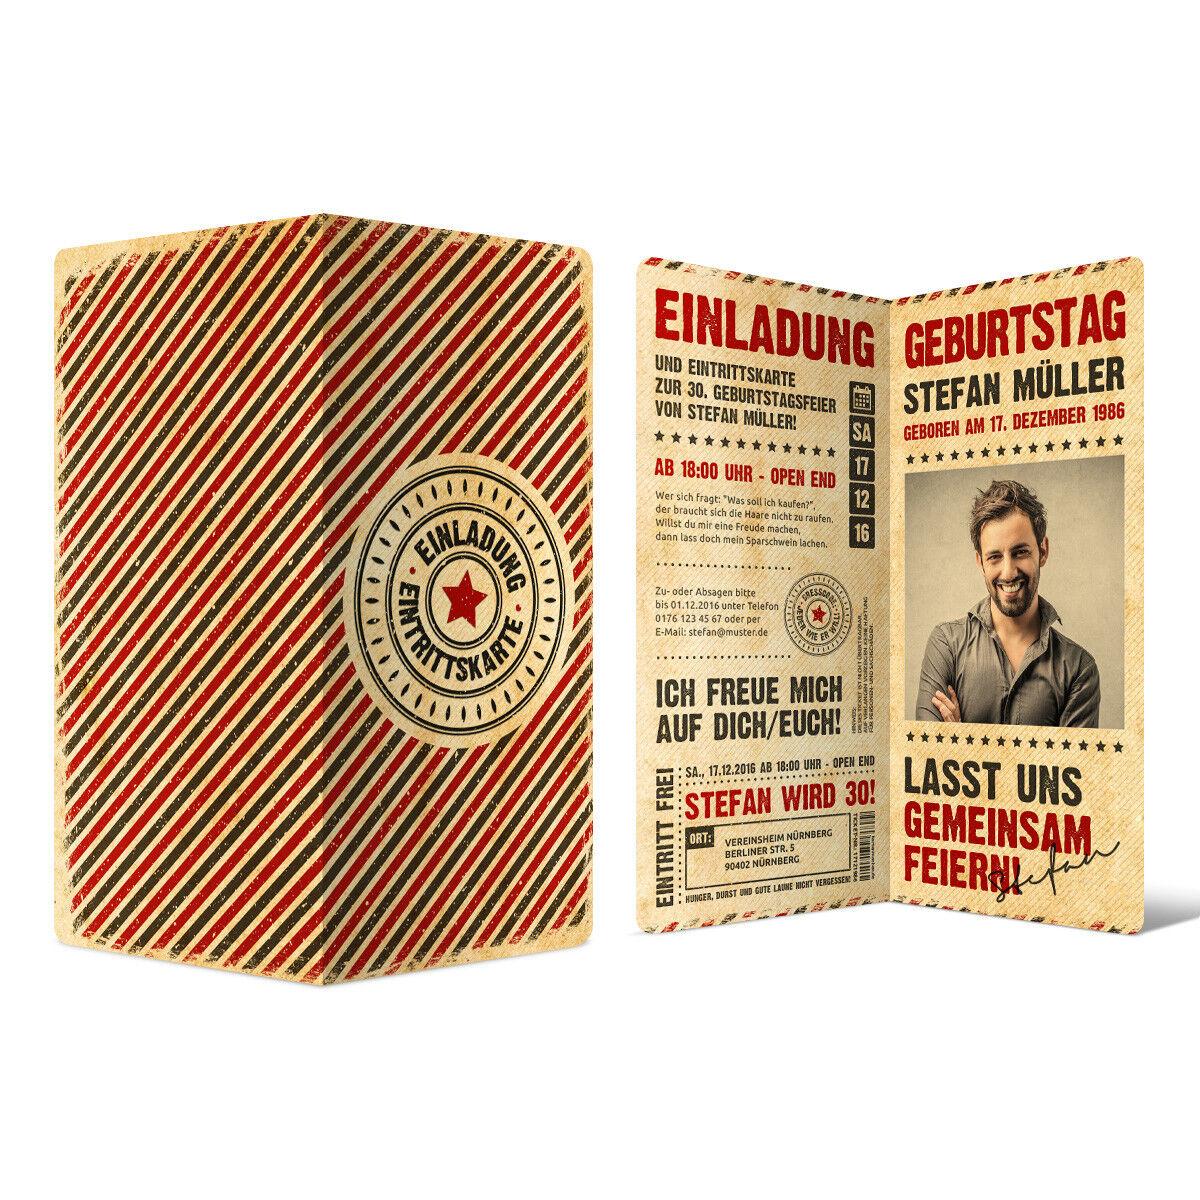 Geburtstag Einladungskarten Einladungen - Grunge Vintage Retro Eintrittskarten   | Hohe Qualität Und Geringen Overhead  | Ausgezeichneter Wert